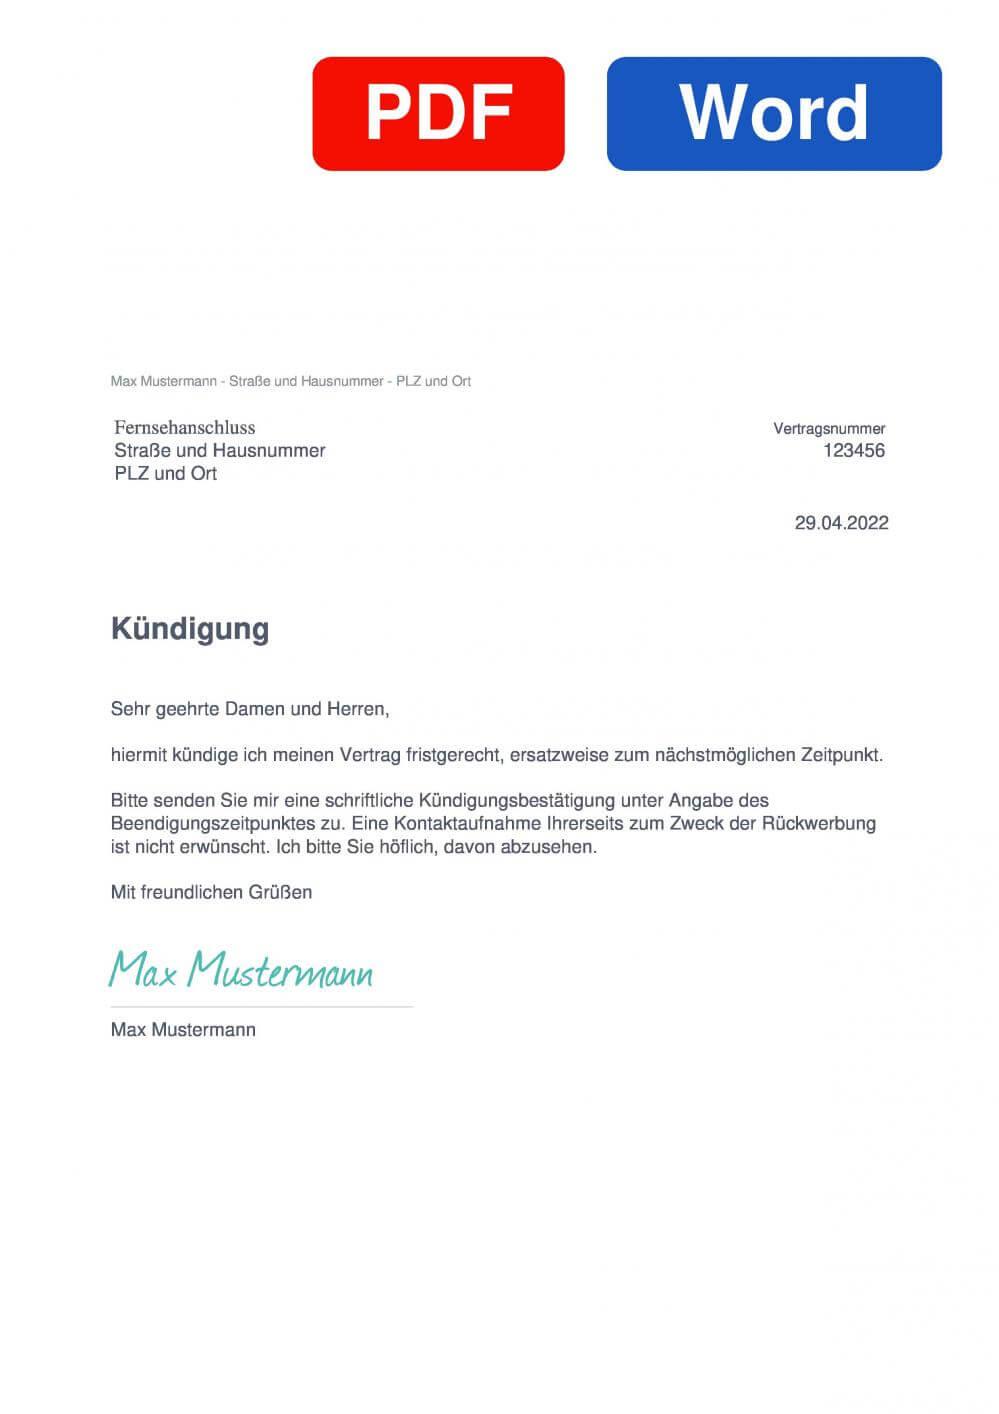 Fernsehanschluss Muster Vorlage für Kündigungsschreiben